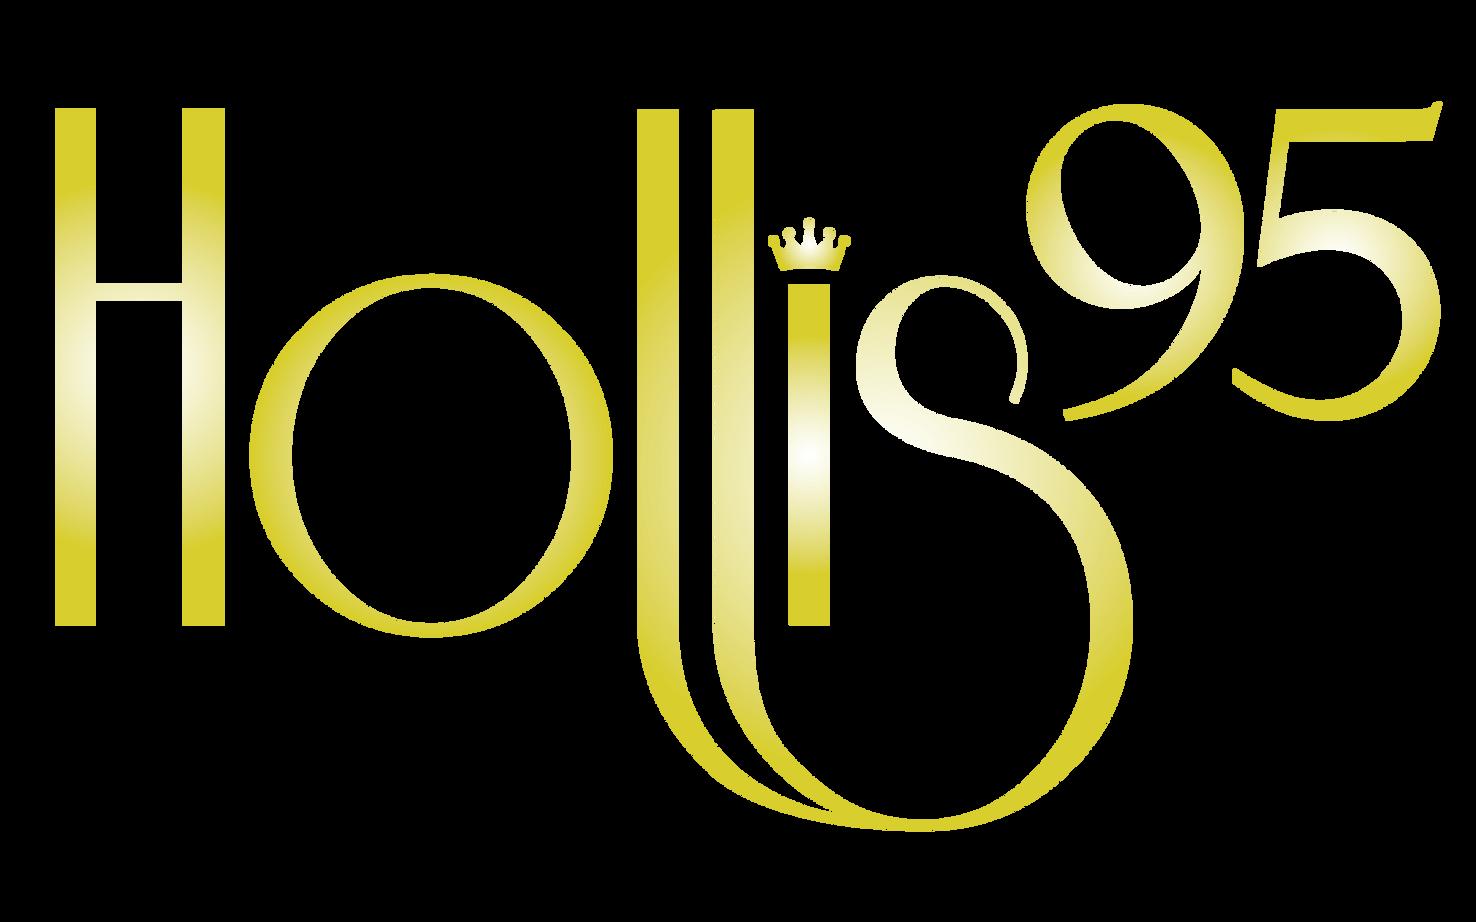 Hollis95